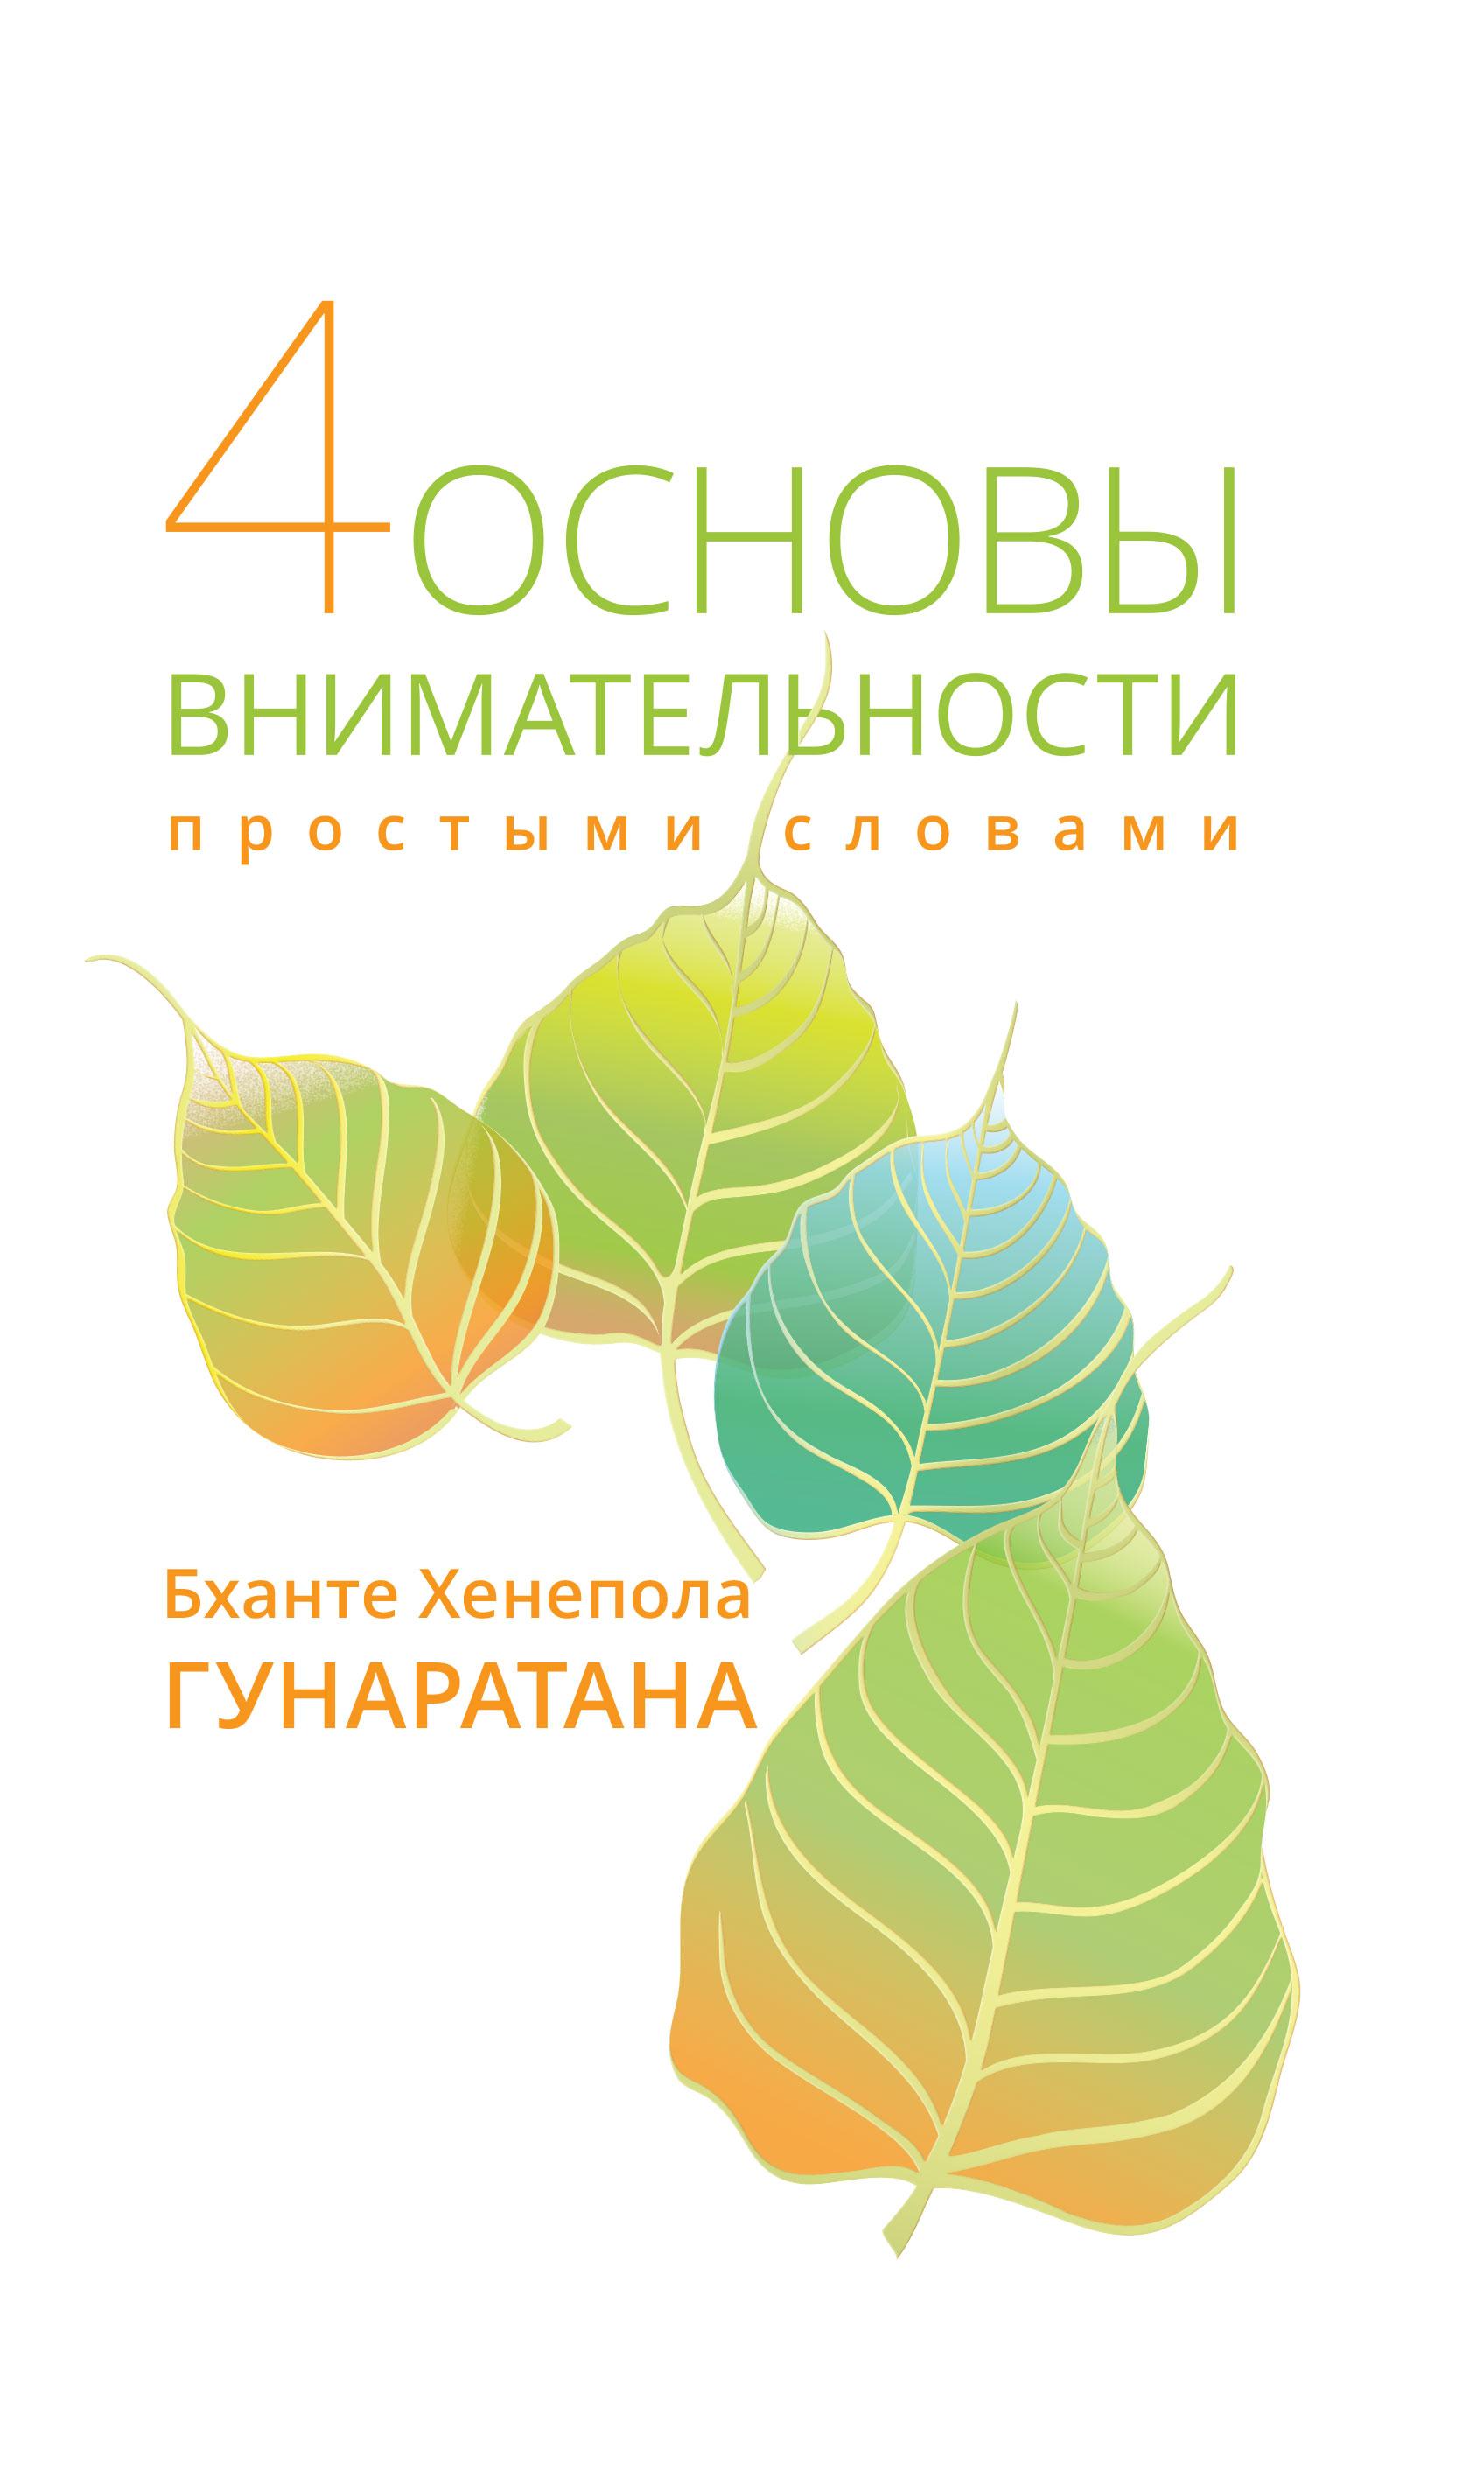 Бханте Хенепола Гунаратана, Ольга Турухина «Четыре основы внимательности простыми словами»